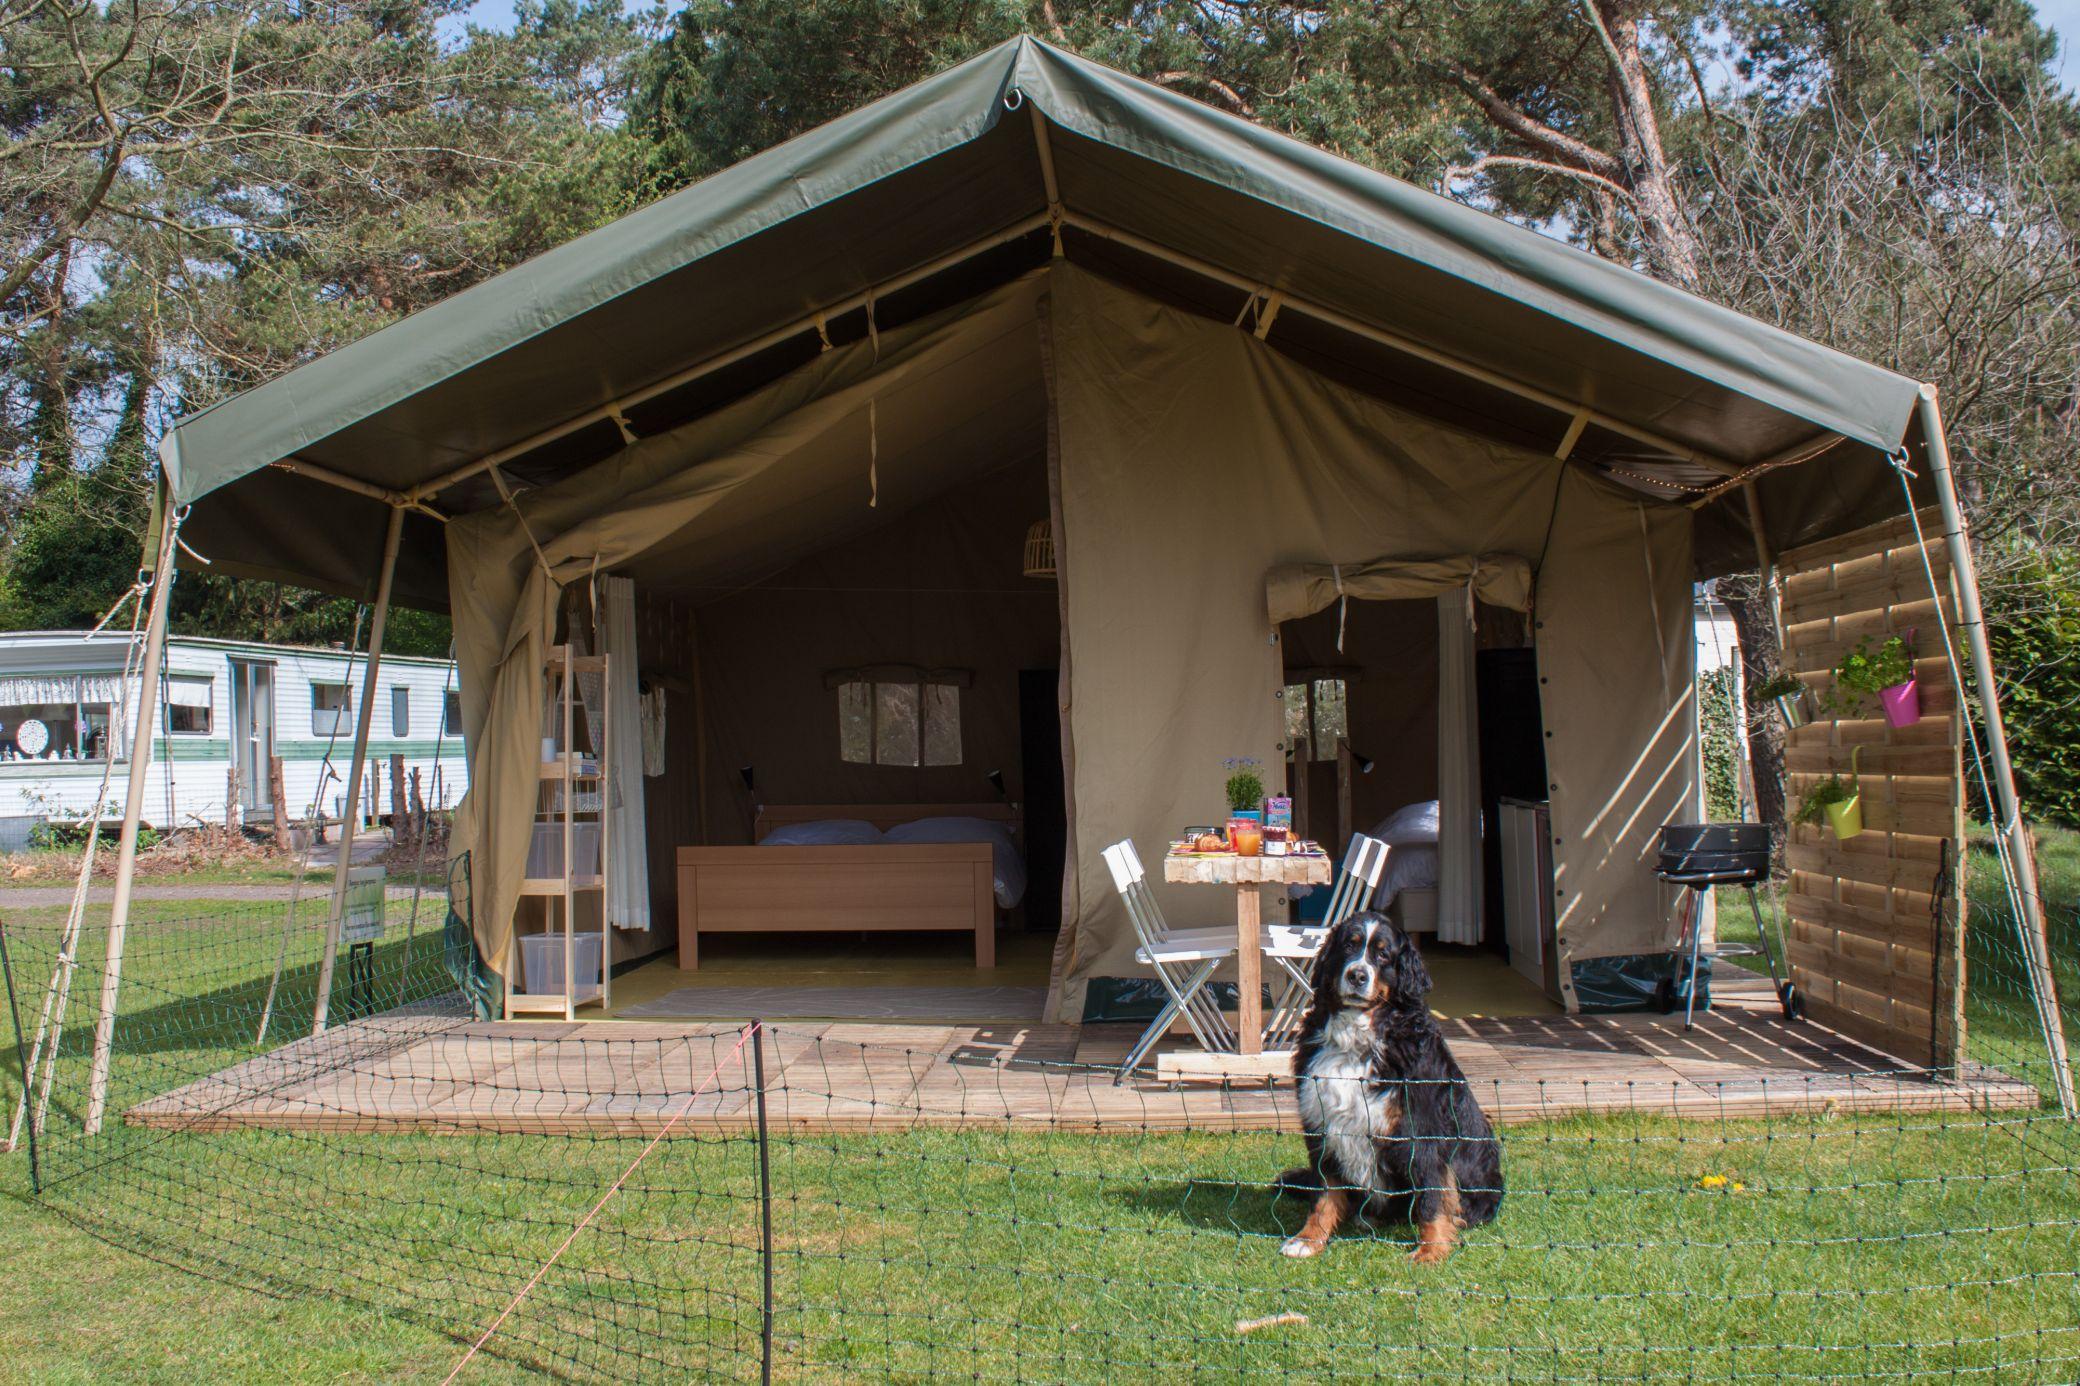 6x Inspirerende Boomhutten : 6x glampings waar je hond ook welkom is glampings